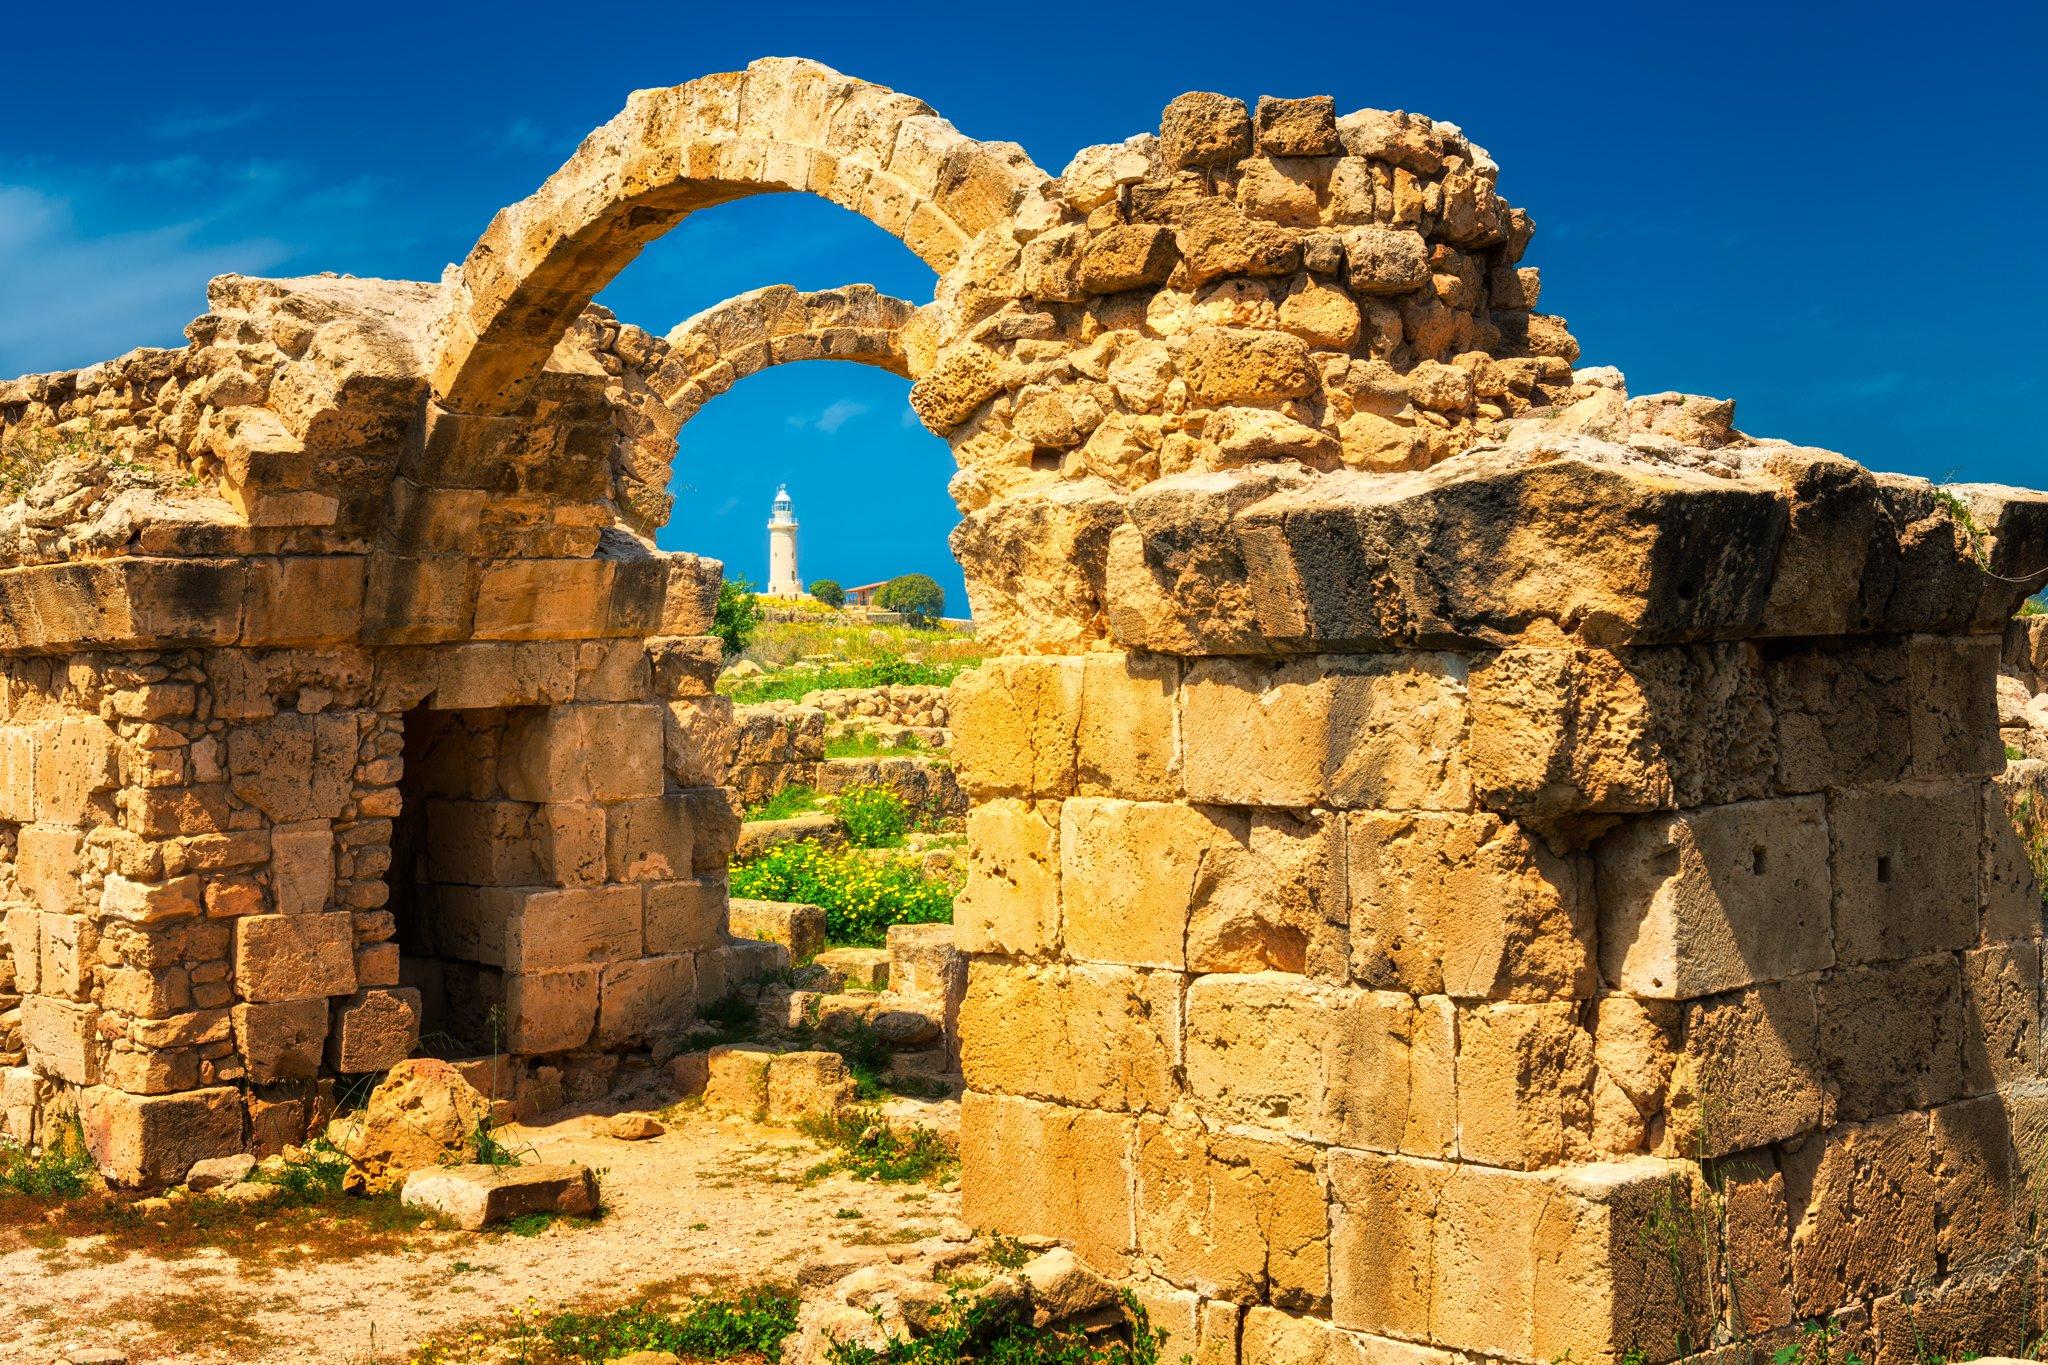 Park Archeologiczny wiosną | Pafos, Cypr